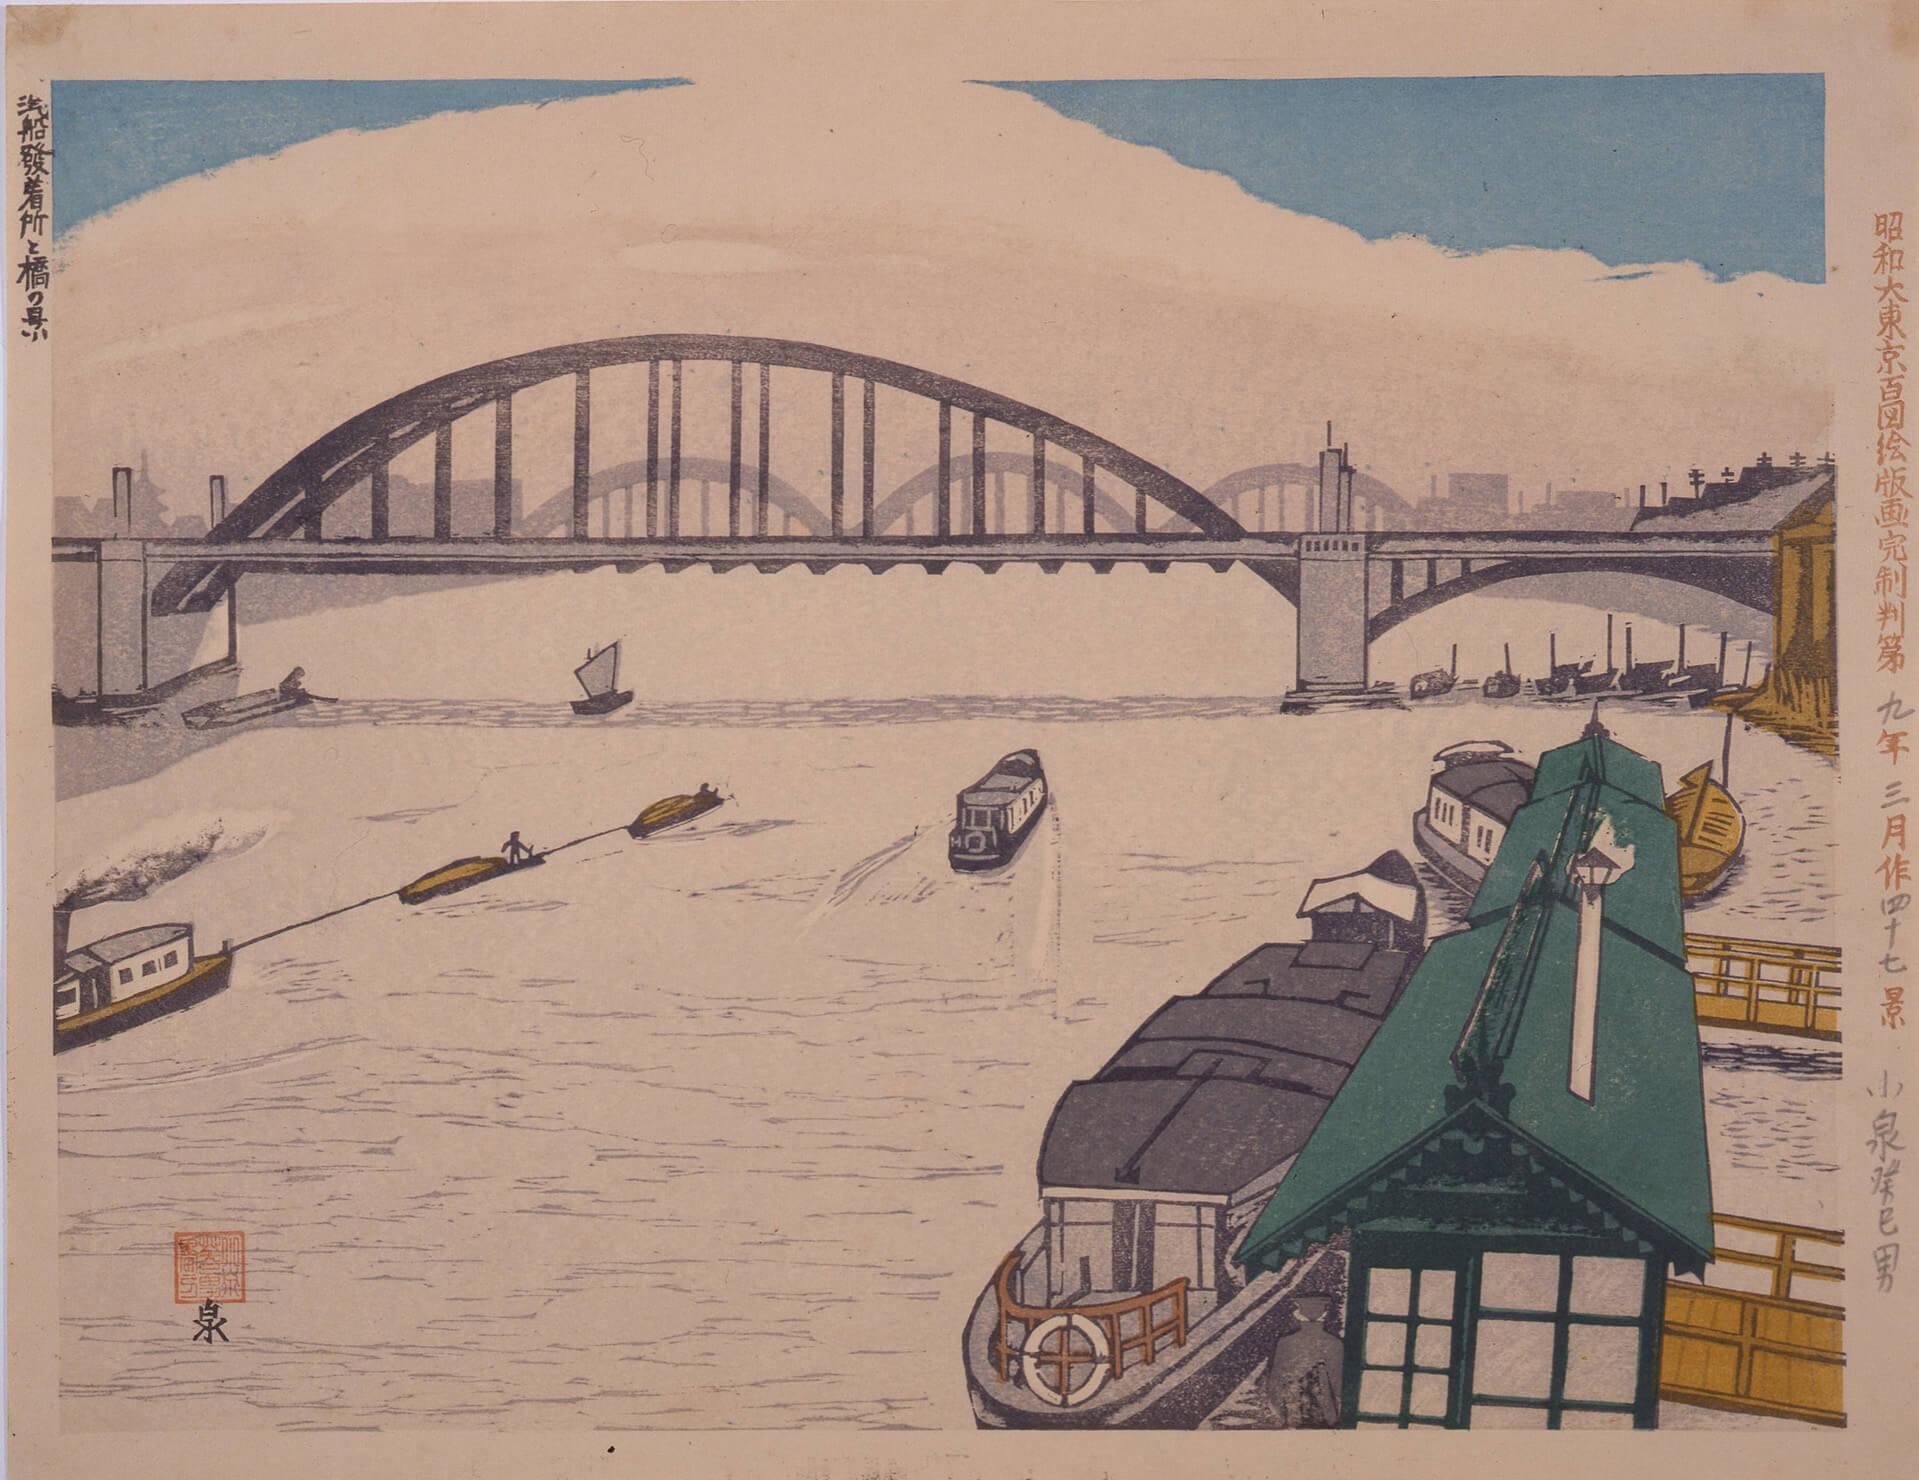 江戸東京博物館「大東京の華―都市を彩るモダン文化」